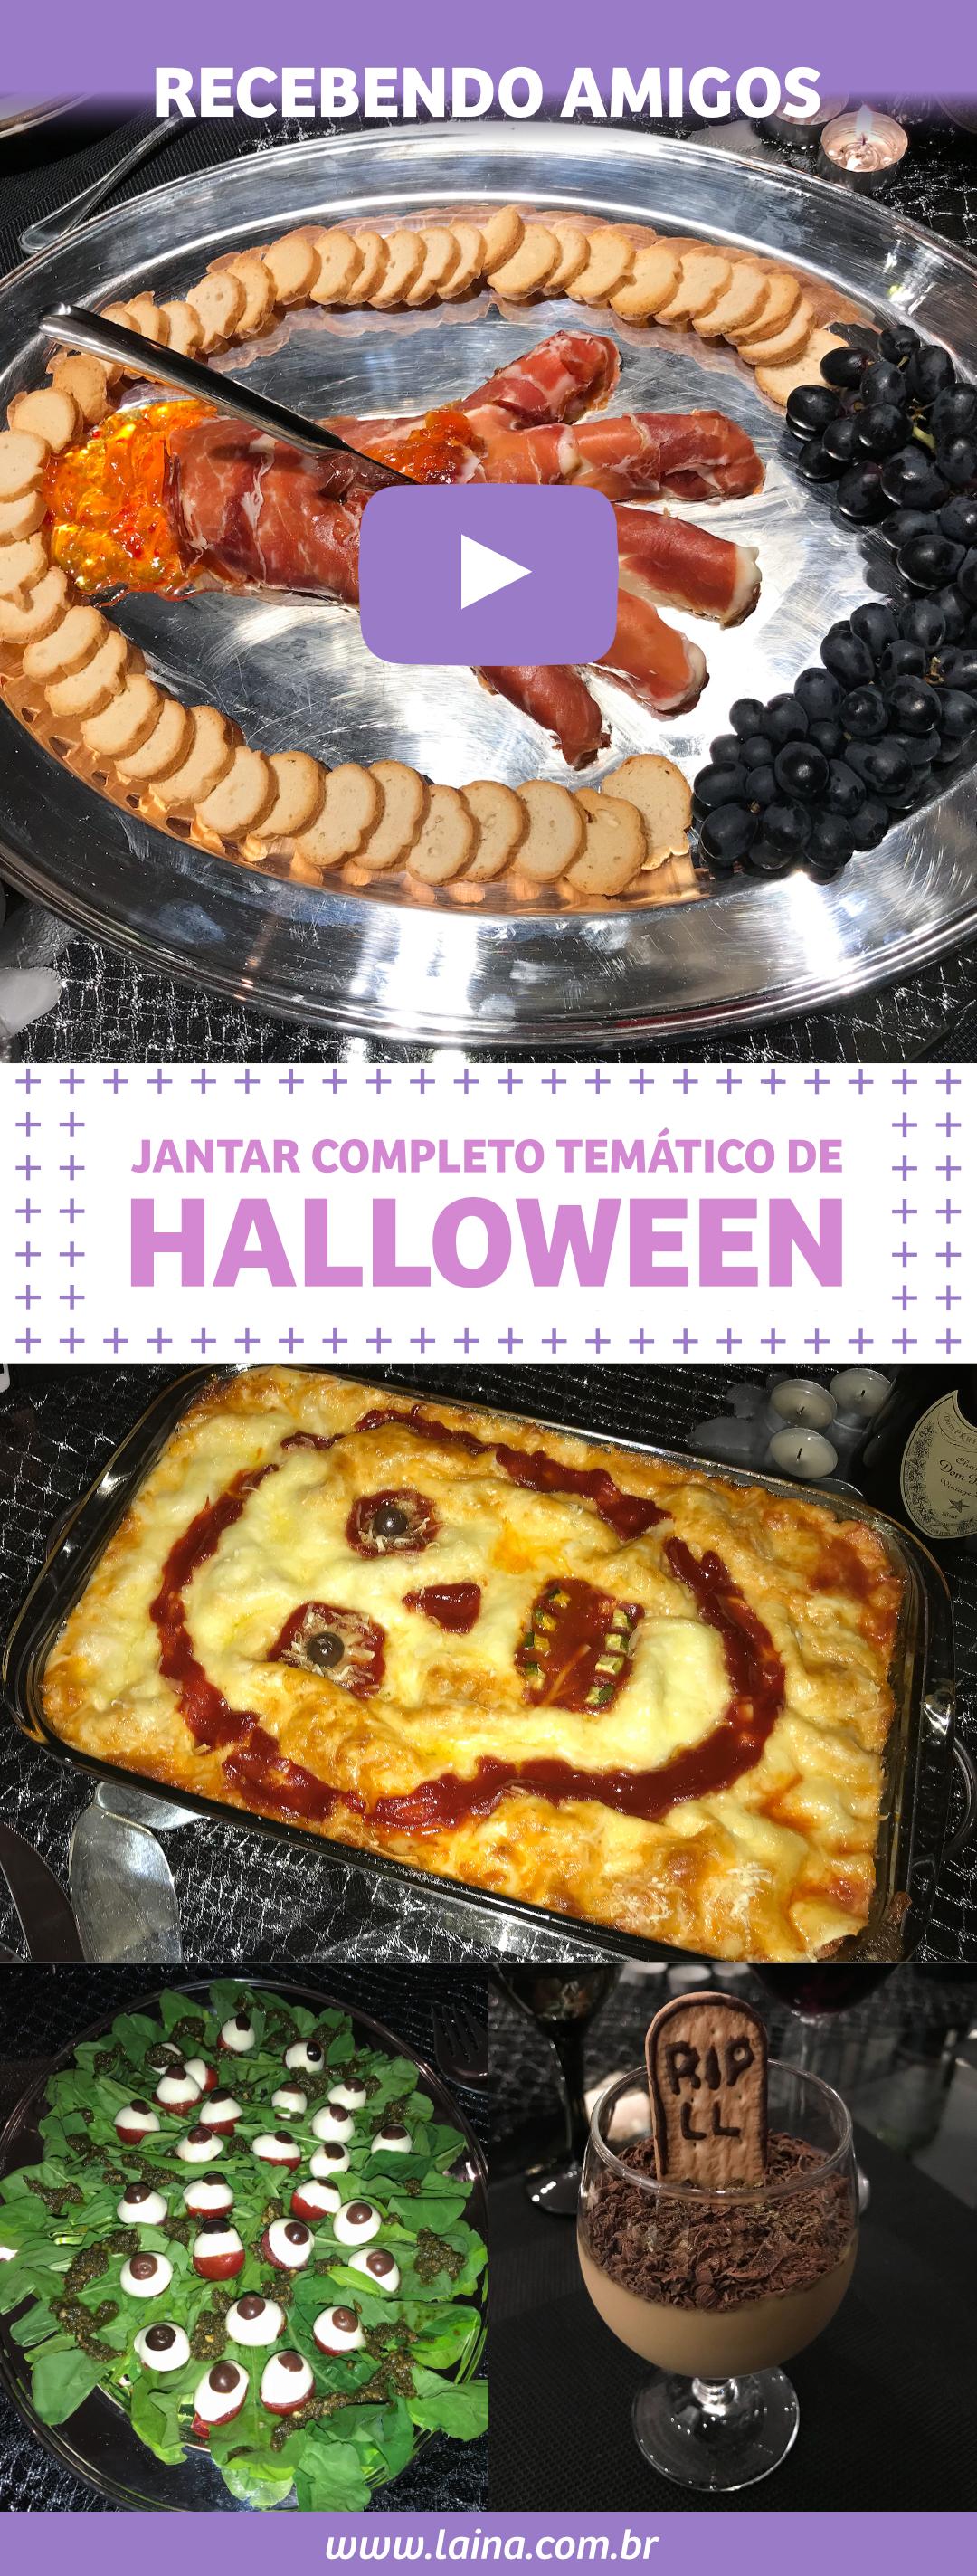 Comidas de Halloween: 4 Dicas de Receitas para assustar e impressionar os seus convidados